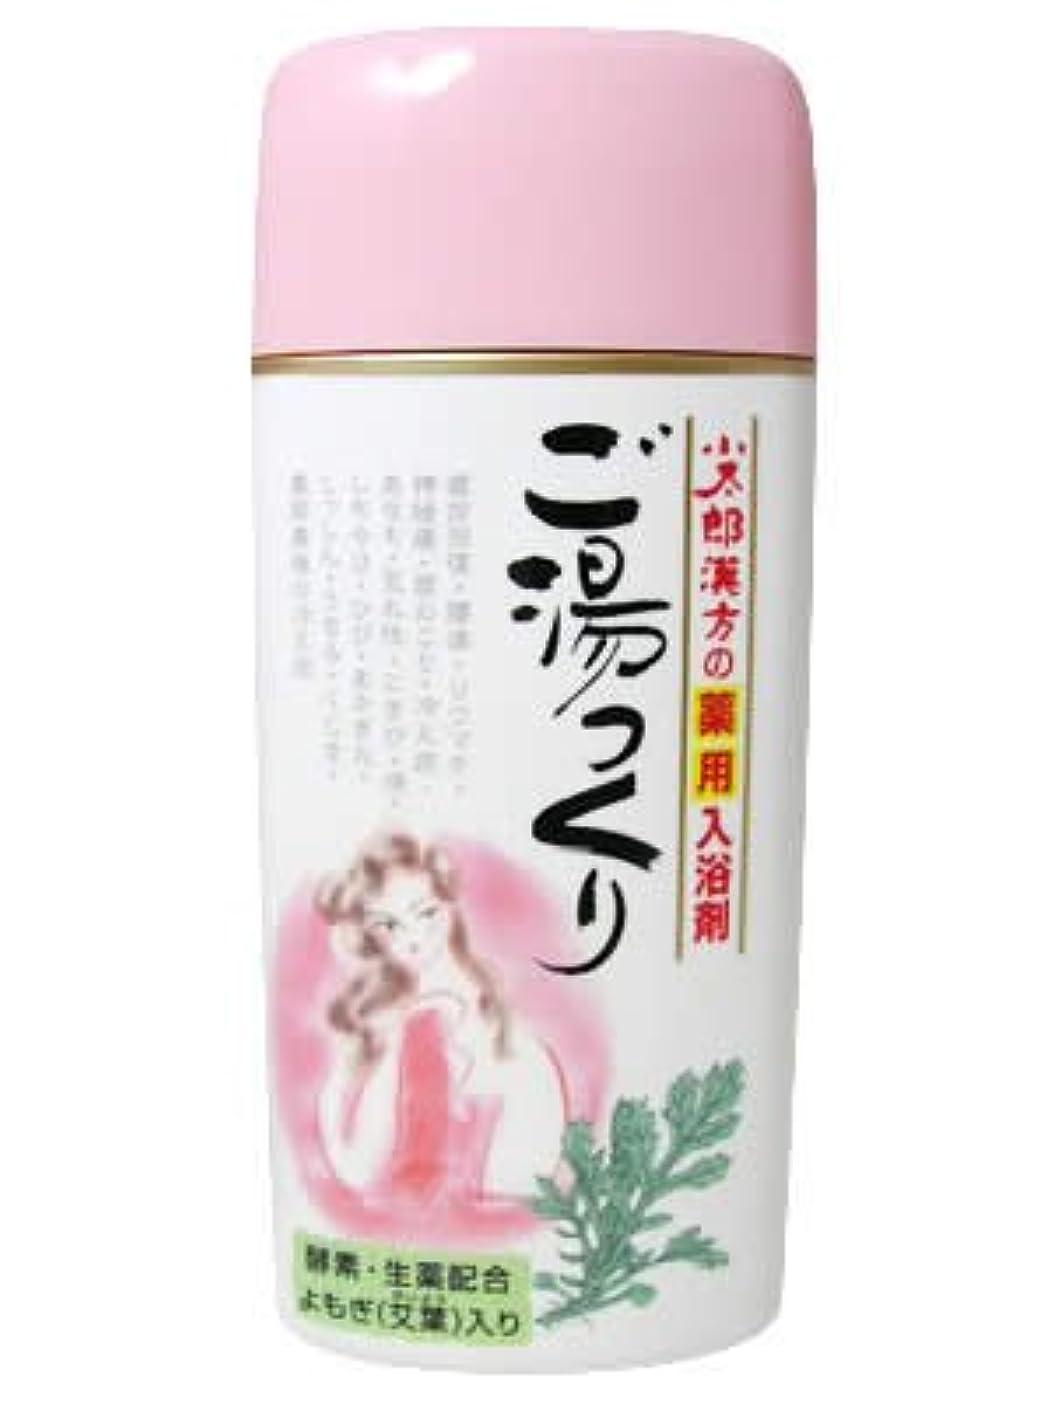 延ばすオゾンパックご湯っくり 500g(入浴剤)